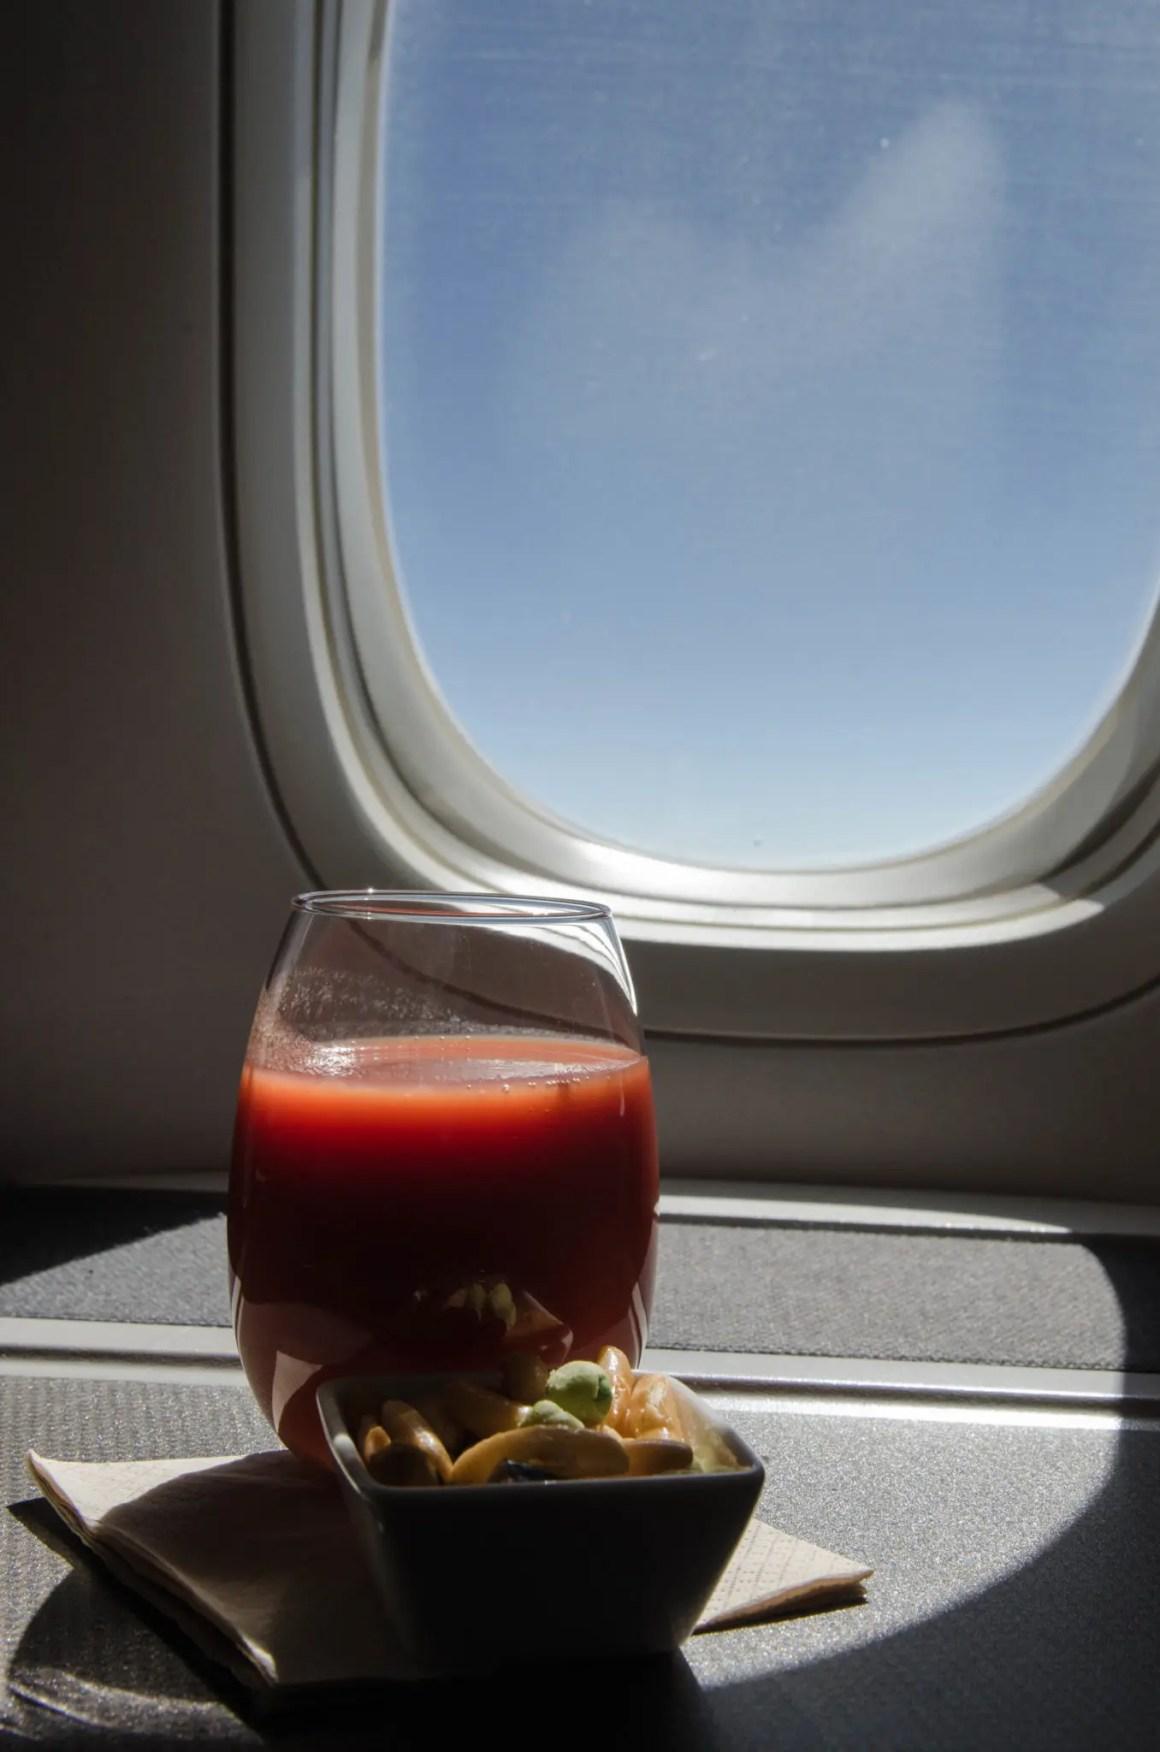 Zelfs na het eten in de Cathay Pacific Business Class blijft de service geweldig.